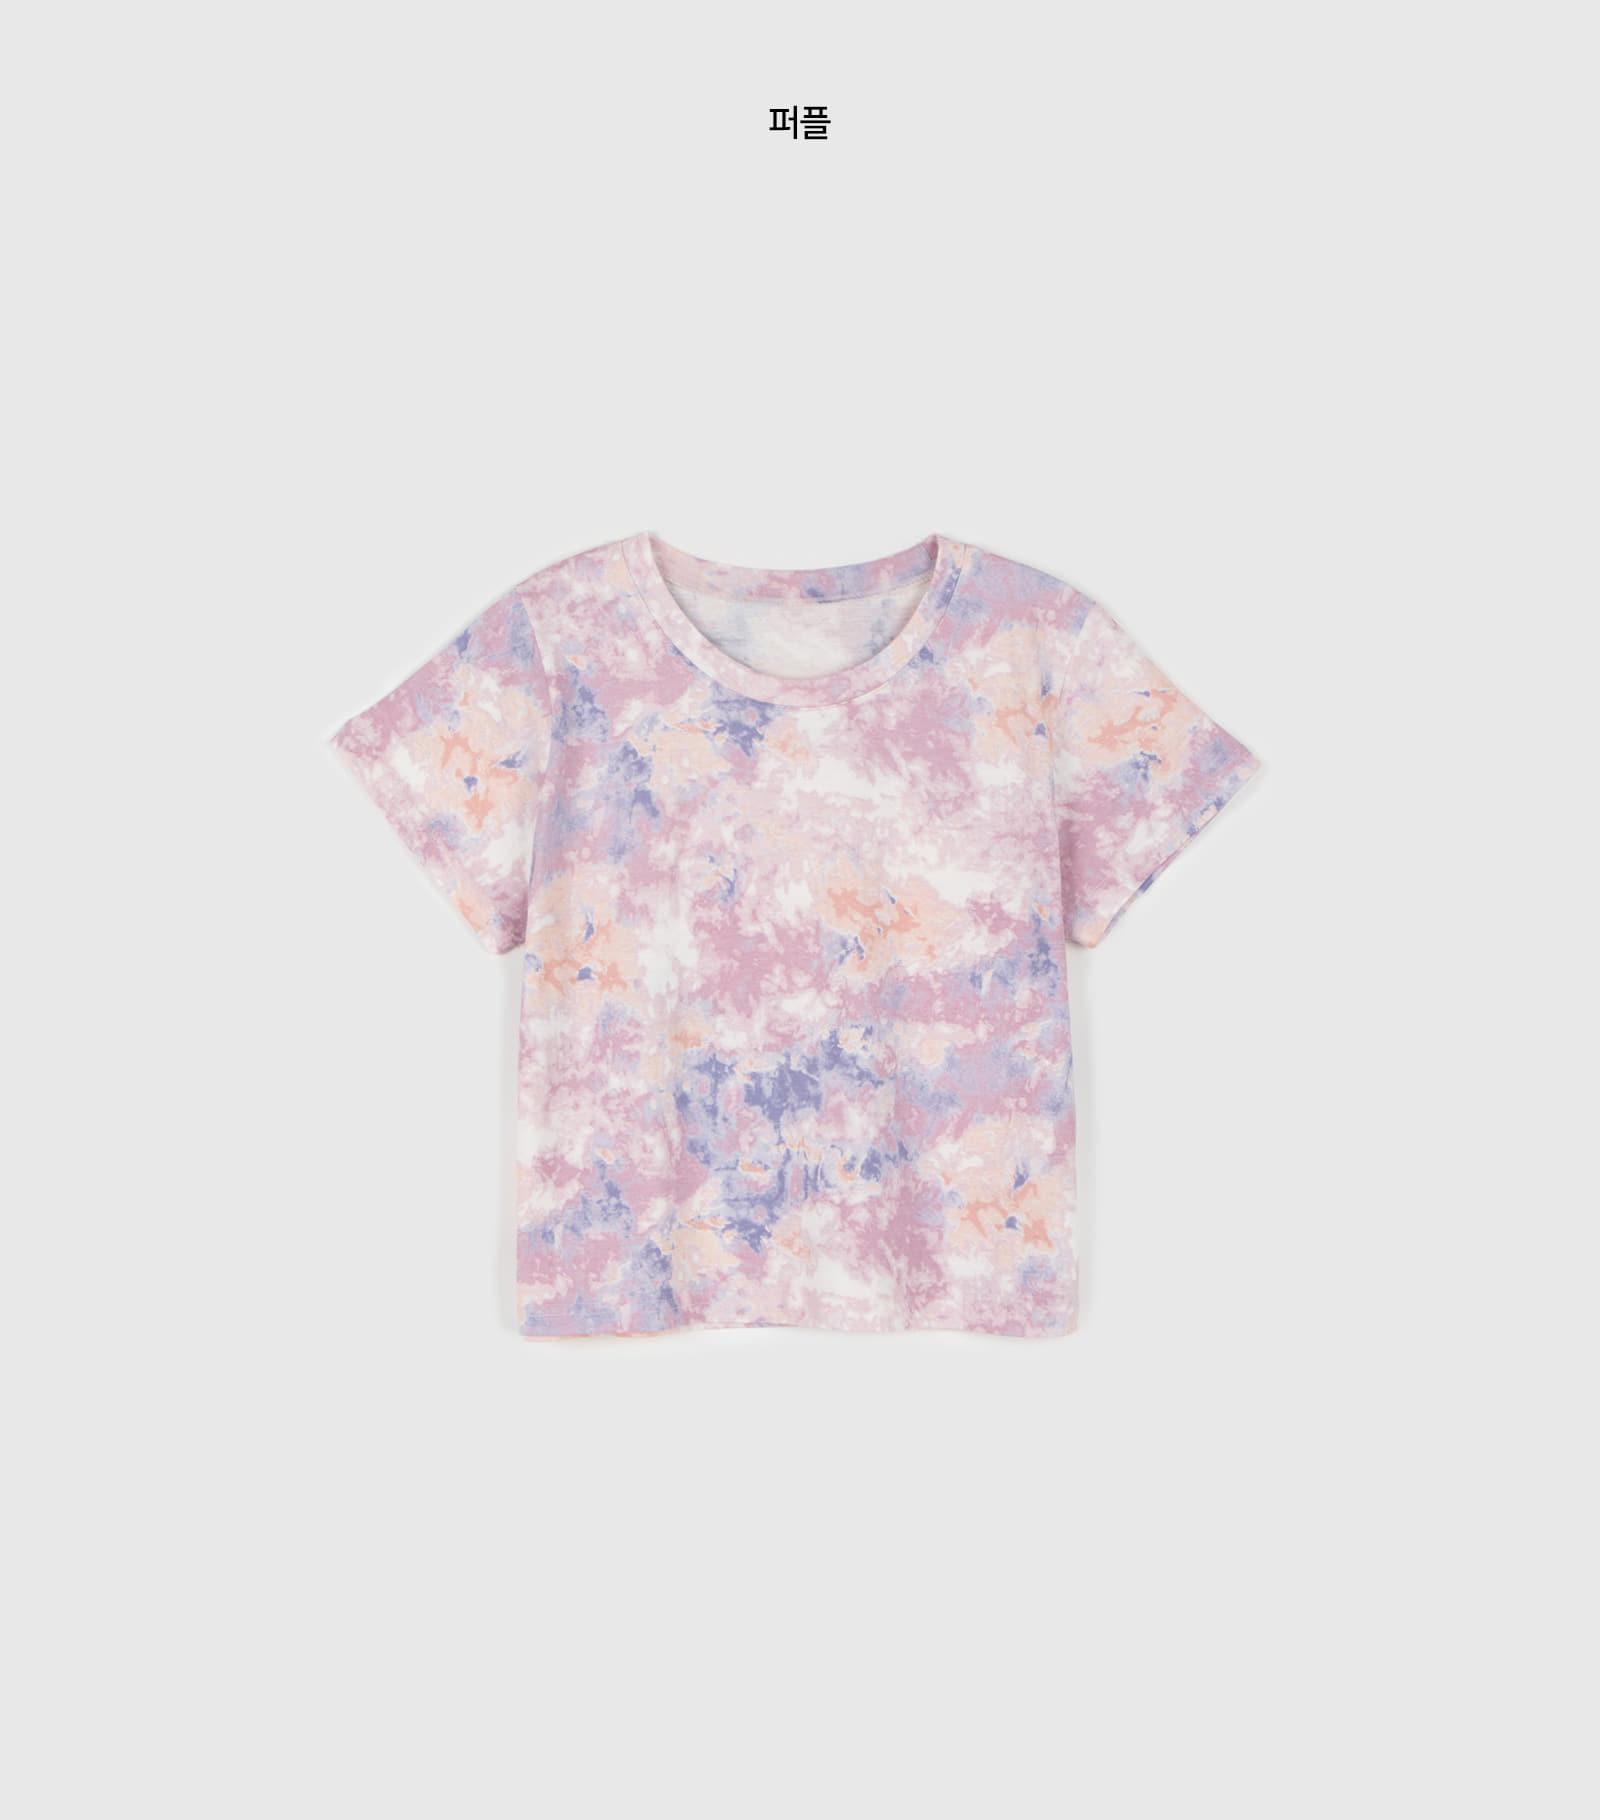 Pastel tie-dye round neck T-shirt